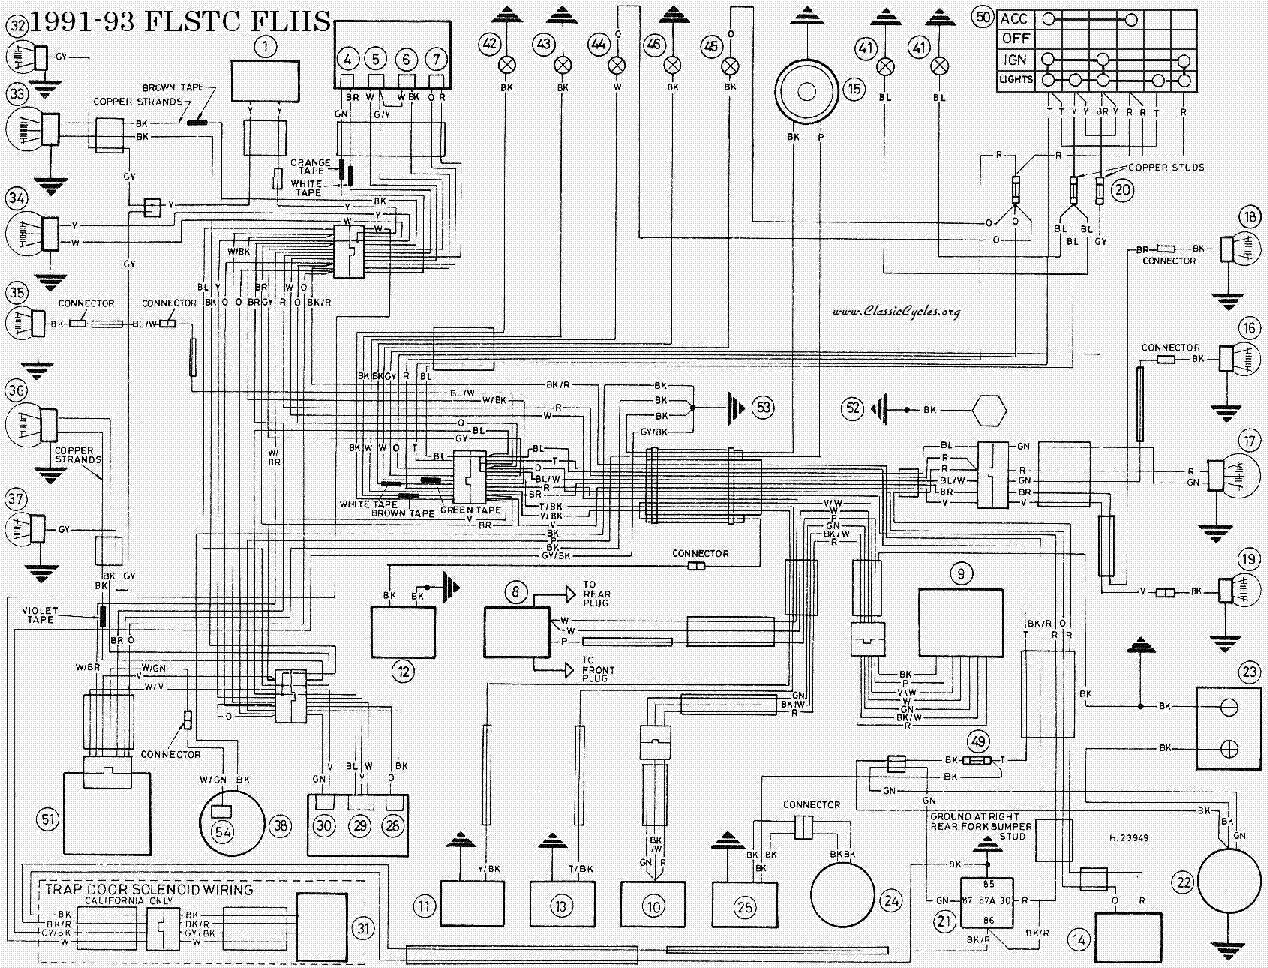 Harley Davidson Wiring Diagram Download | Wiring Diagram - Harley Davidson Wiring Diagram Manual